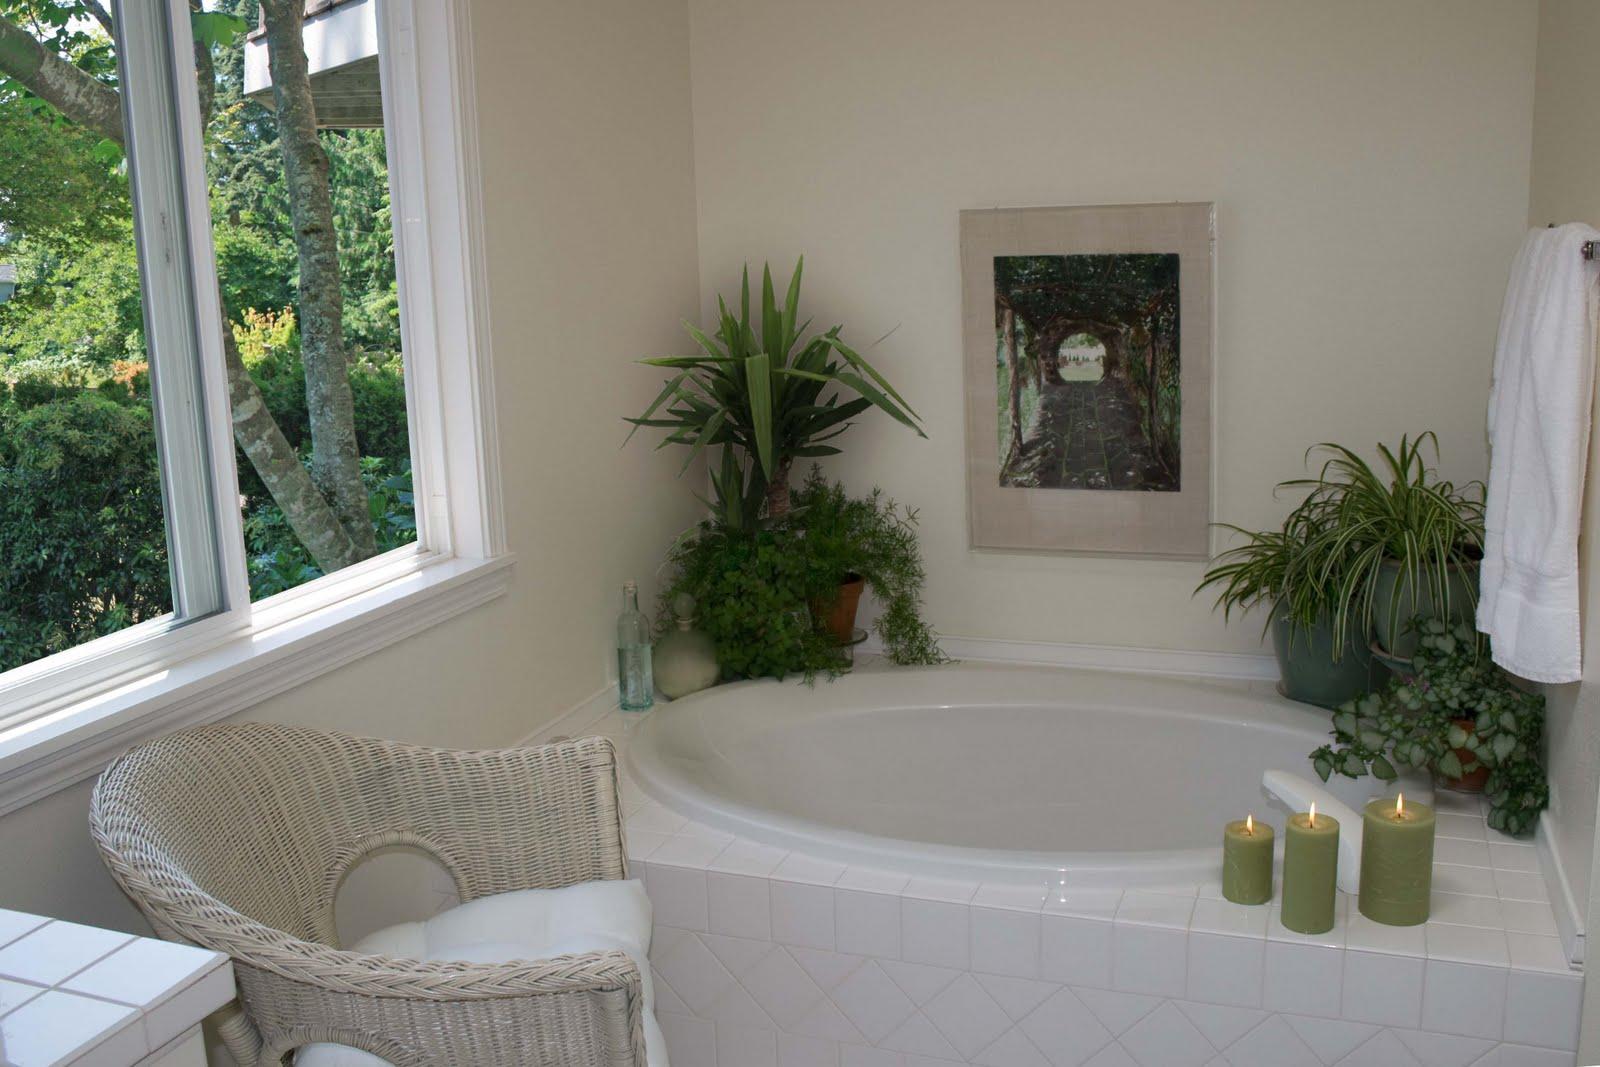 http://1.bp.blogspot.com/_G59clU3y2e0/TCC4Z3yXCPI/AAAAAAAAADs/5G_IizOnuW8/s1600/Bathroom-7_10_09-1.jpg